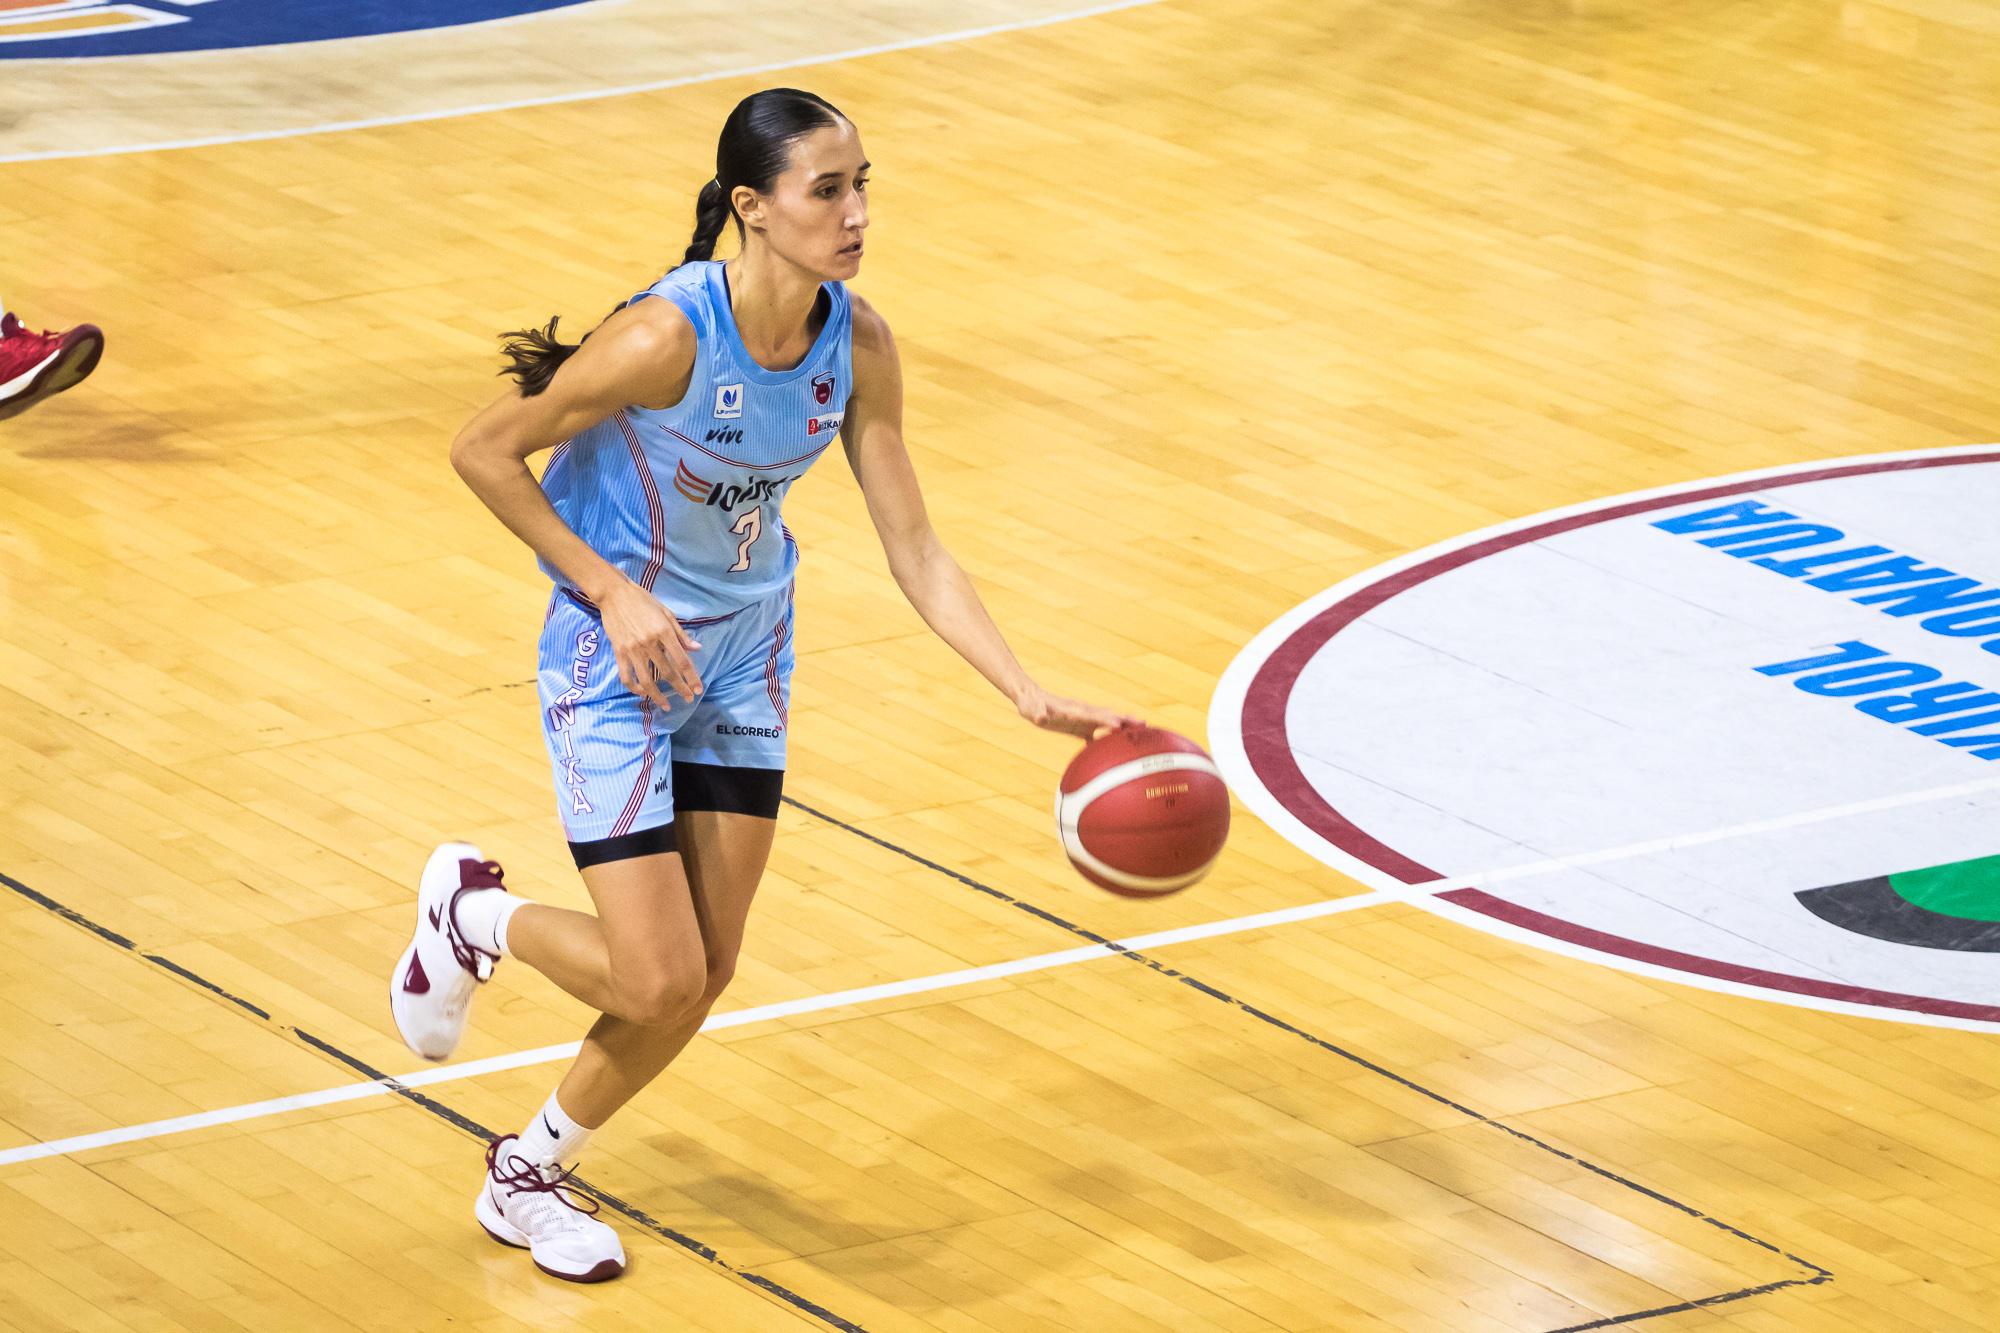 Belén Arrojo sube la bola (Foto: Luis Fernando Boo).